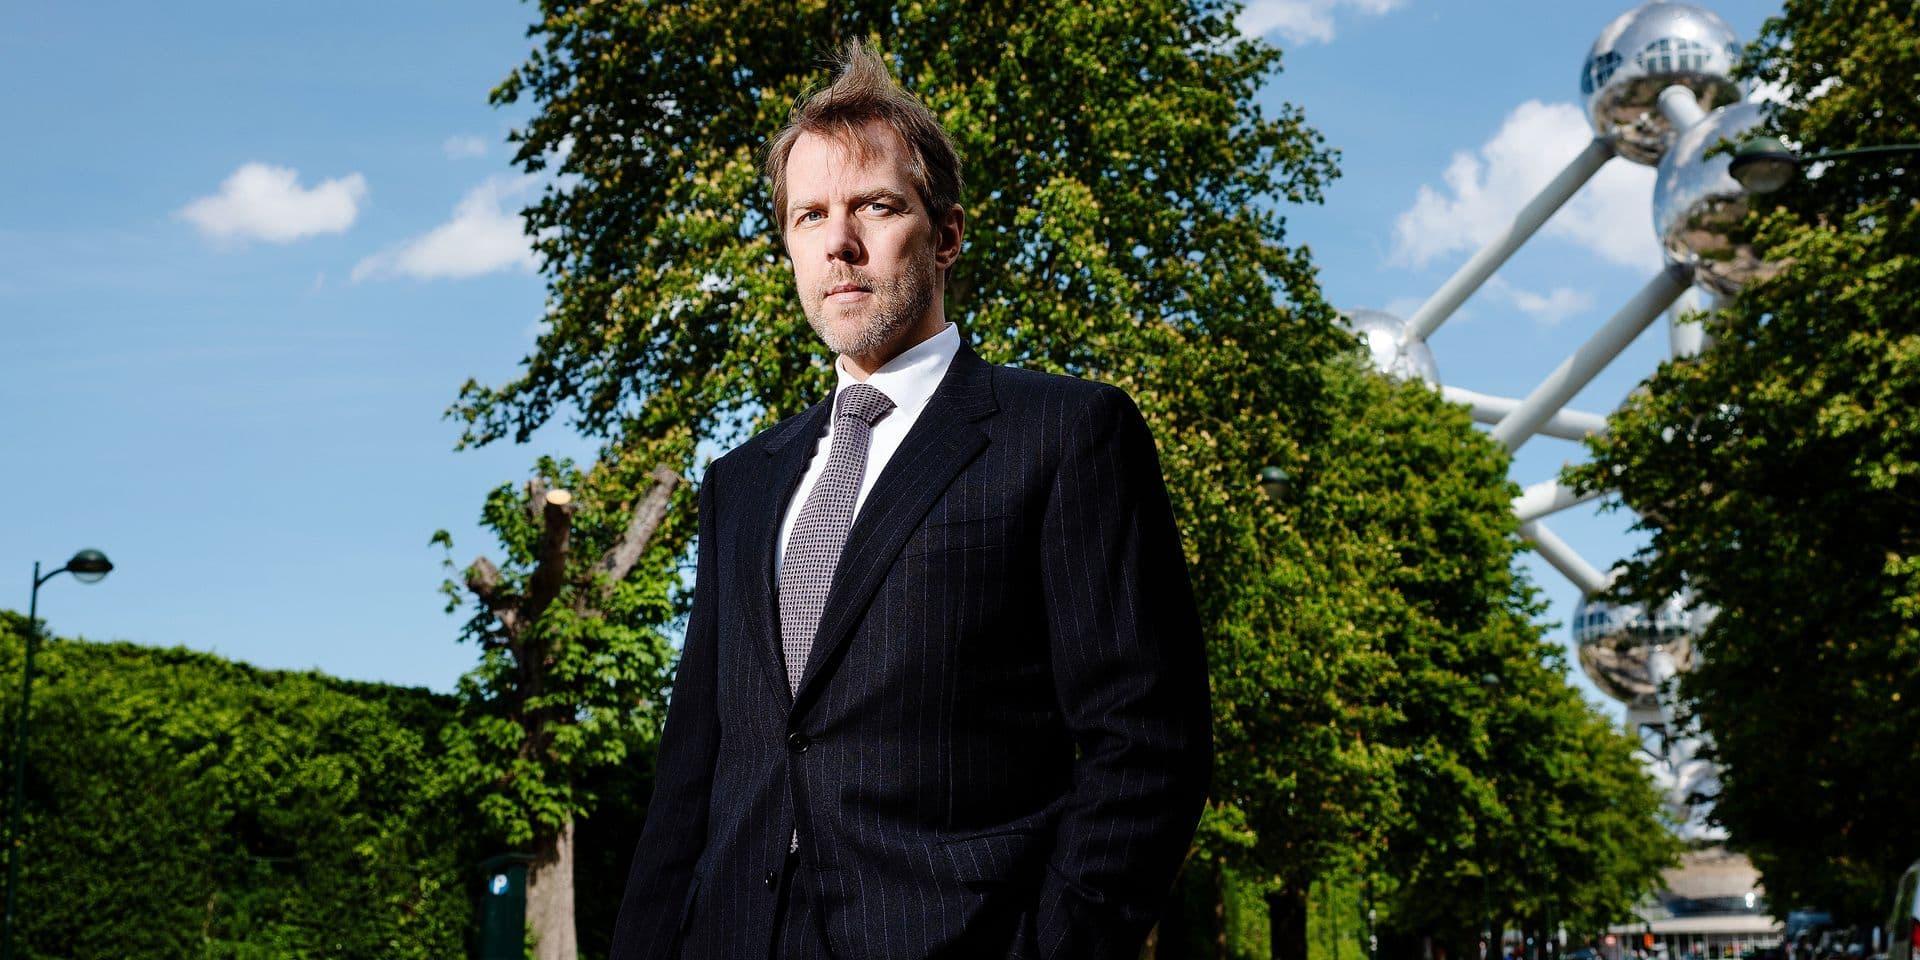 Bruxelles - Union Belge de Football: Kris Wagner - Procureur du parquet federal de l'Union belge